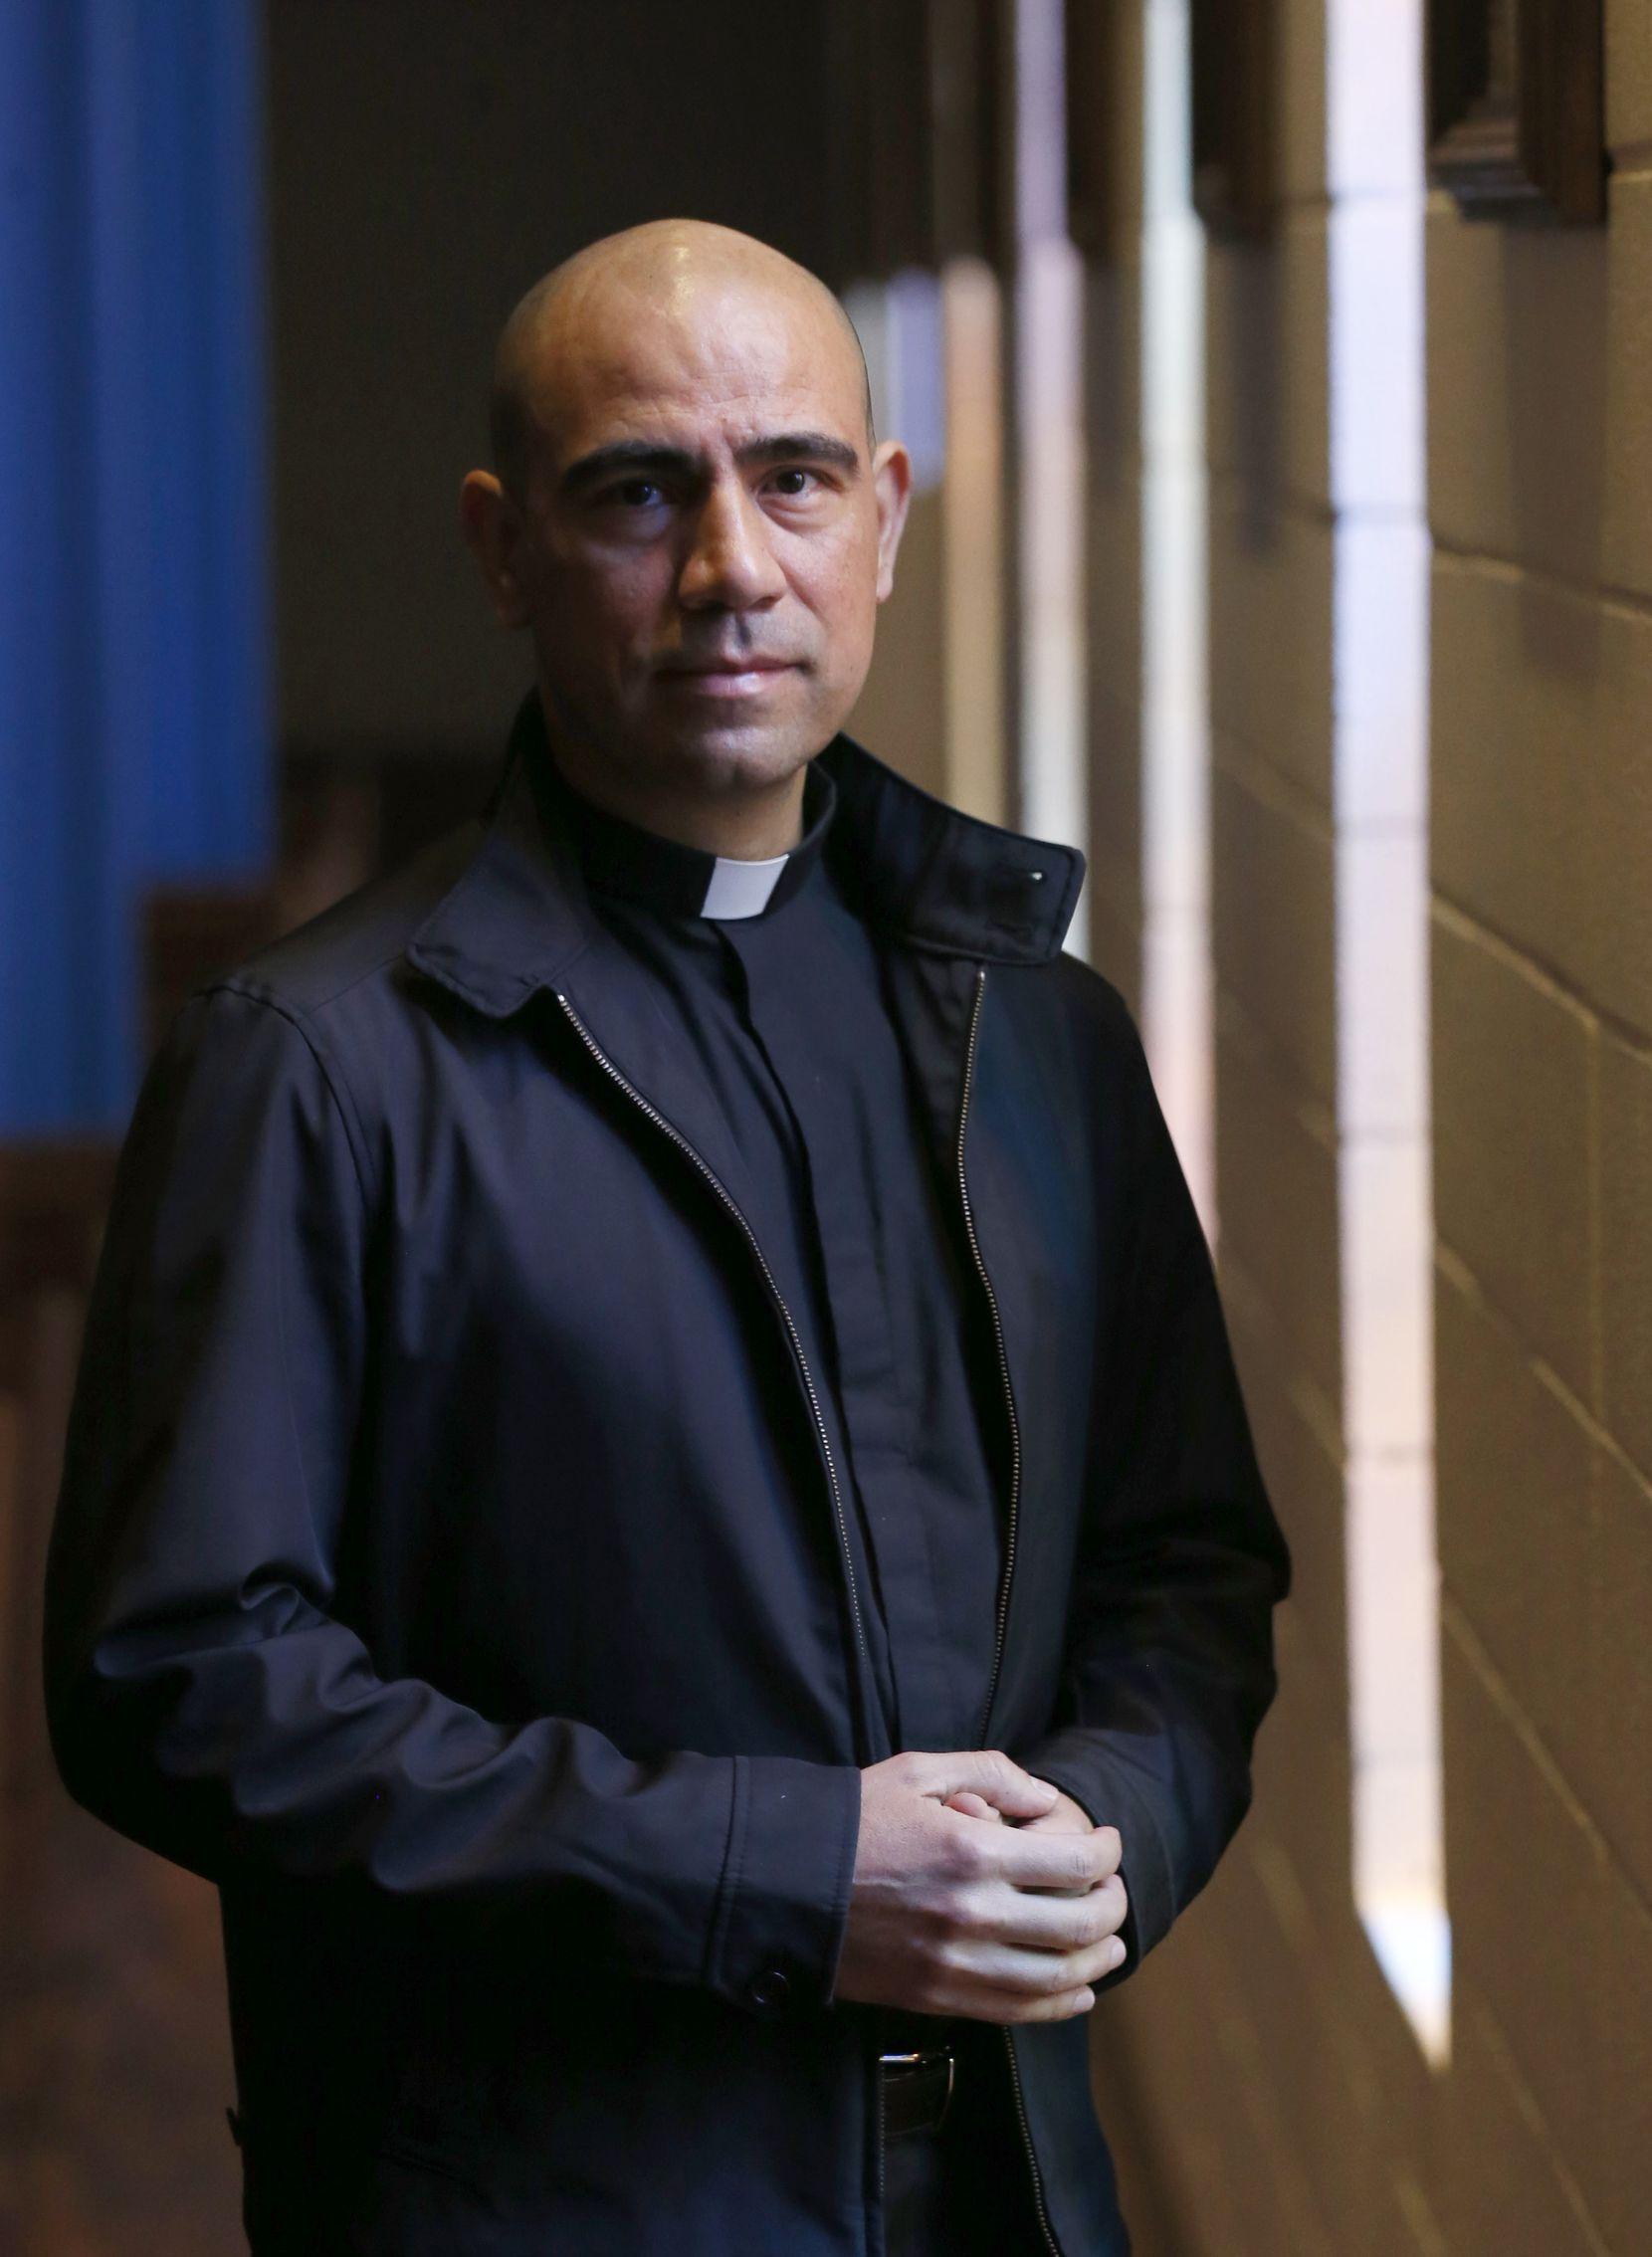 El padre Jesús Belmontes siguió los pasos de su hermano mayor, quien también es sacerdote en la Diócesis de Zamora, Michoacán.